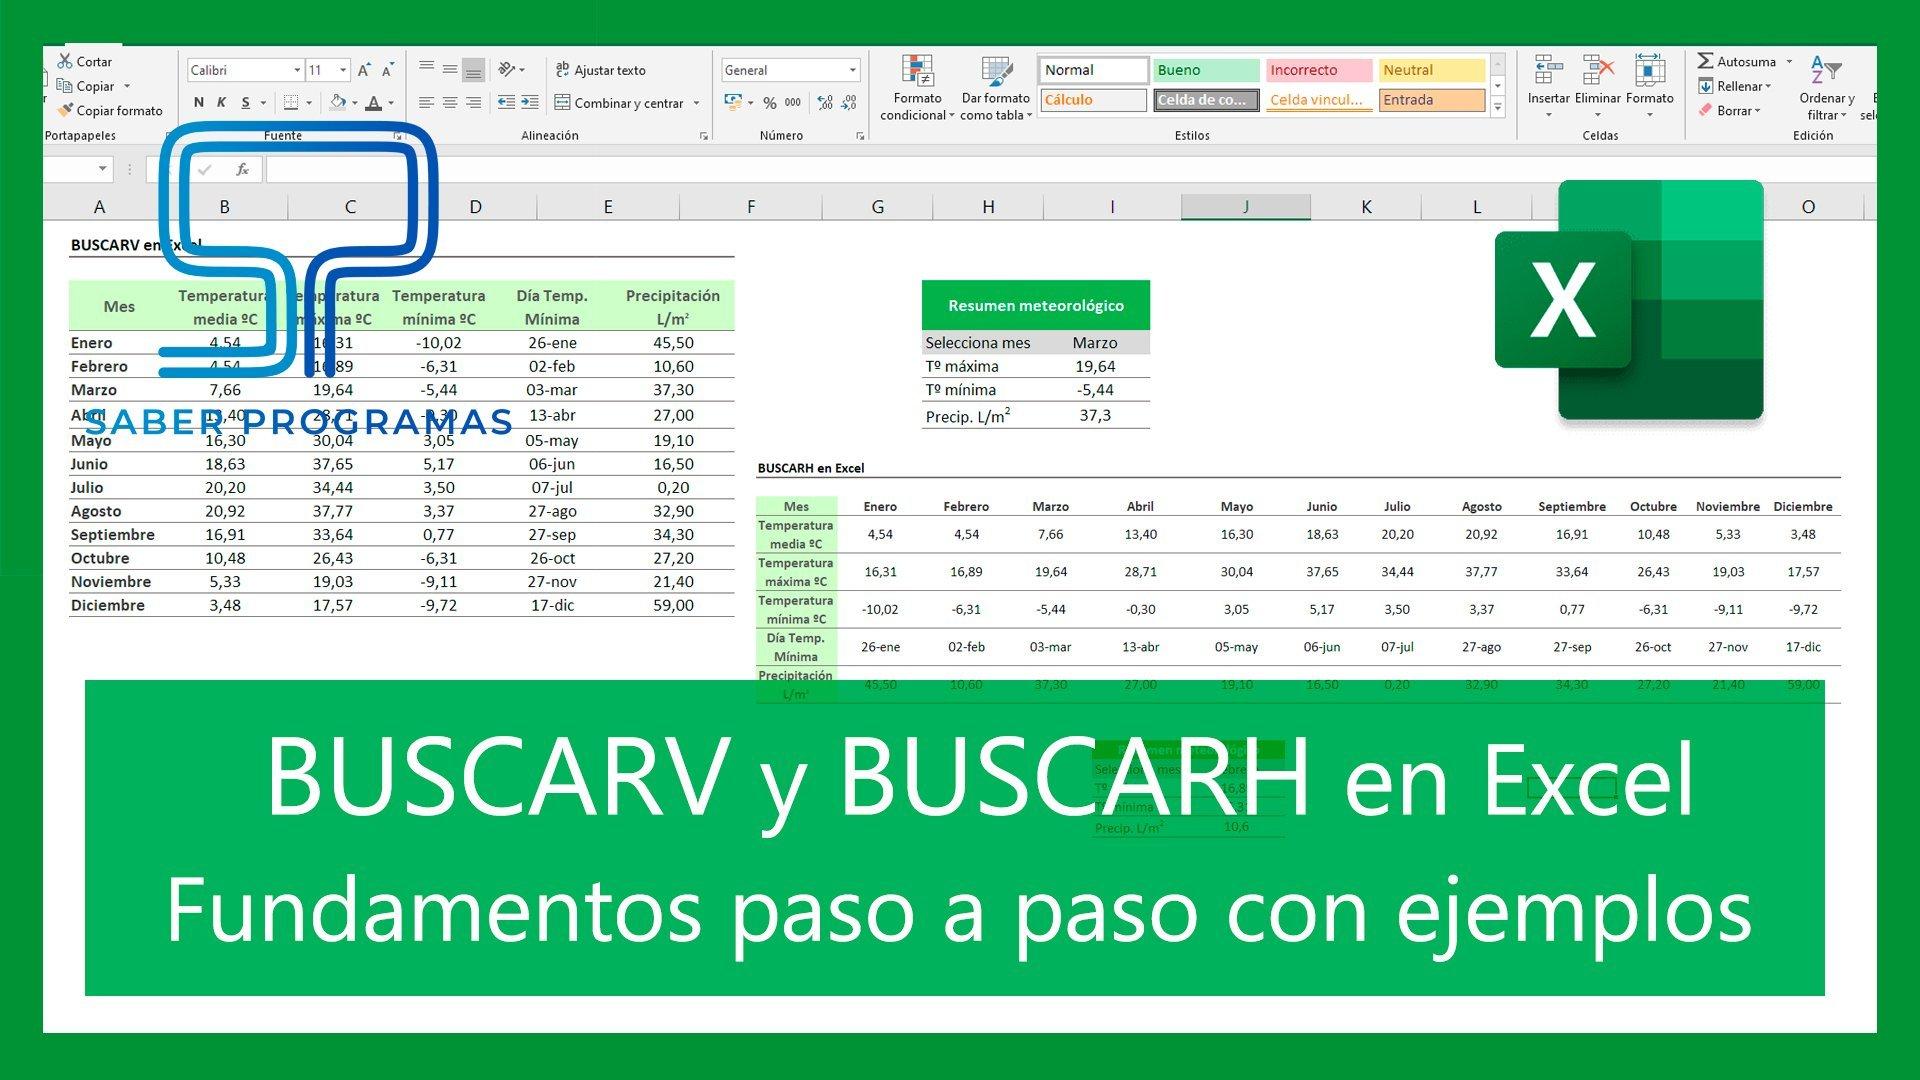 BUSCARV y BUSCARH en Excel